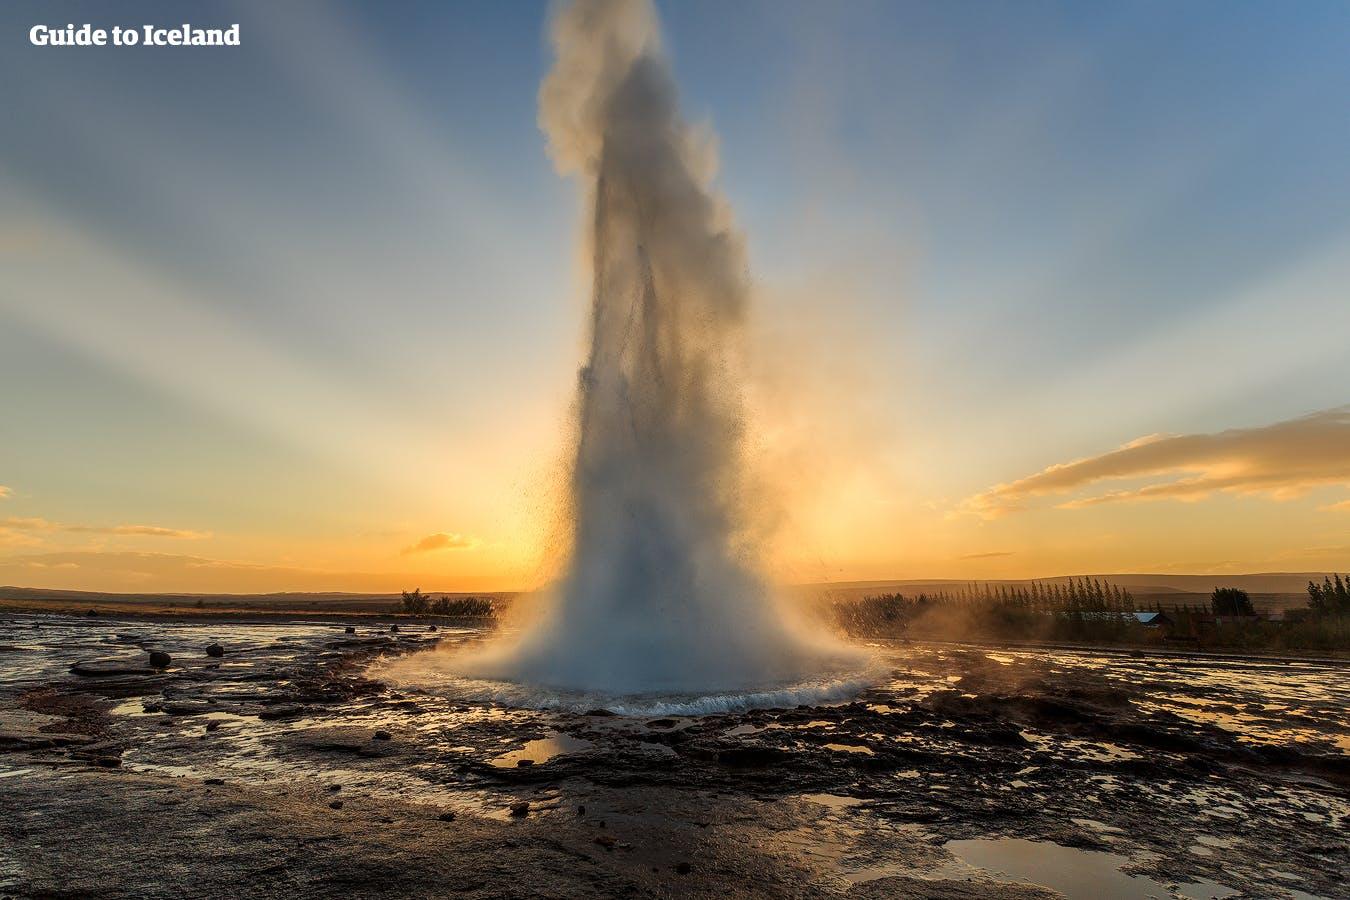 ไกเซอร์สโทรคูร์บนเส้นทางวงกลมทองคำพ่นน้ำกลางแสงอาทิตย์ก่อนลับขอบฟ้า